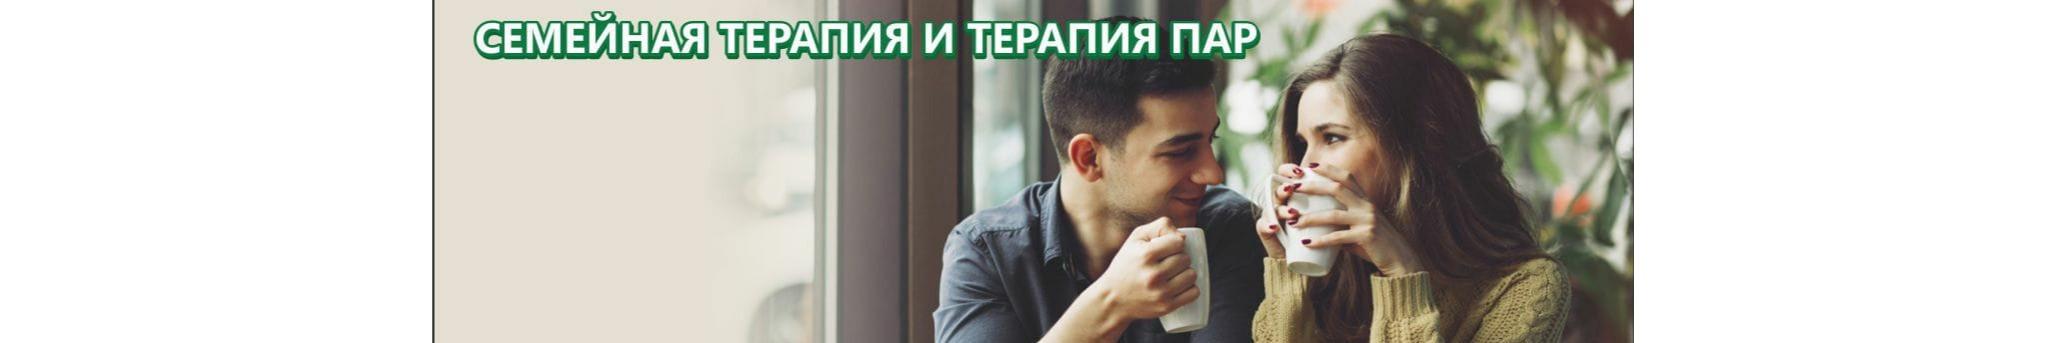 ИДЕН ЕЛЬНИКОВА — СЕМЕЙНЫЙ ПСИХОЛОГ ONLINE